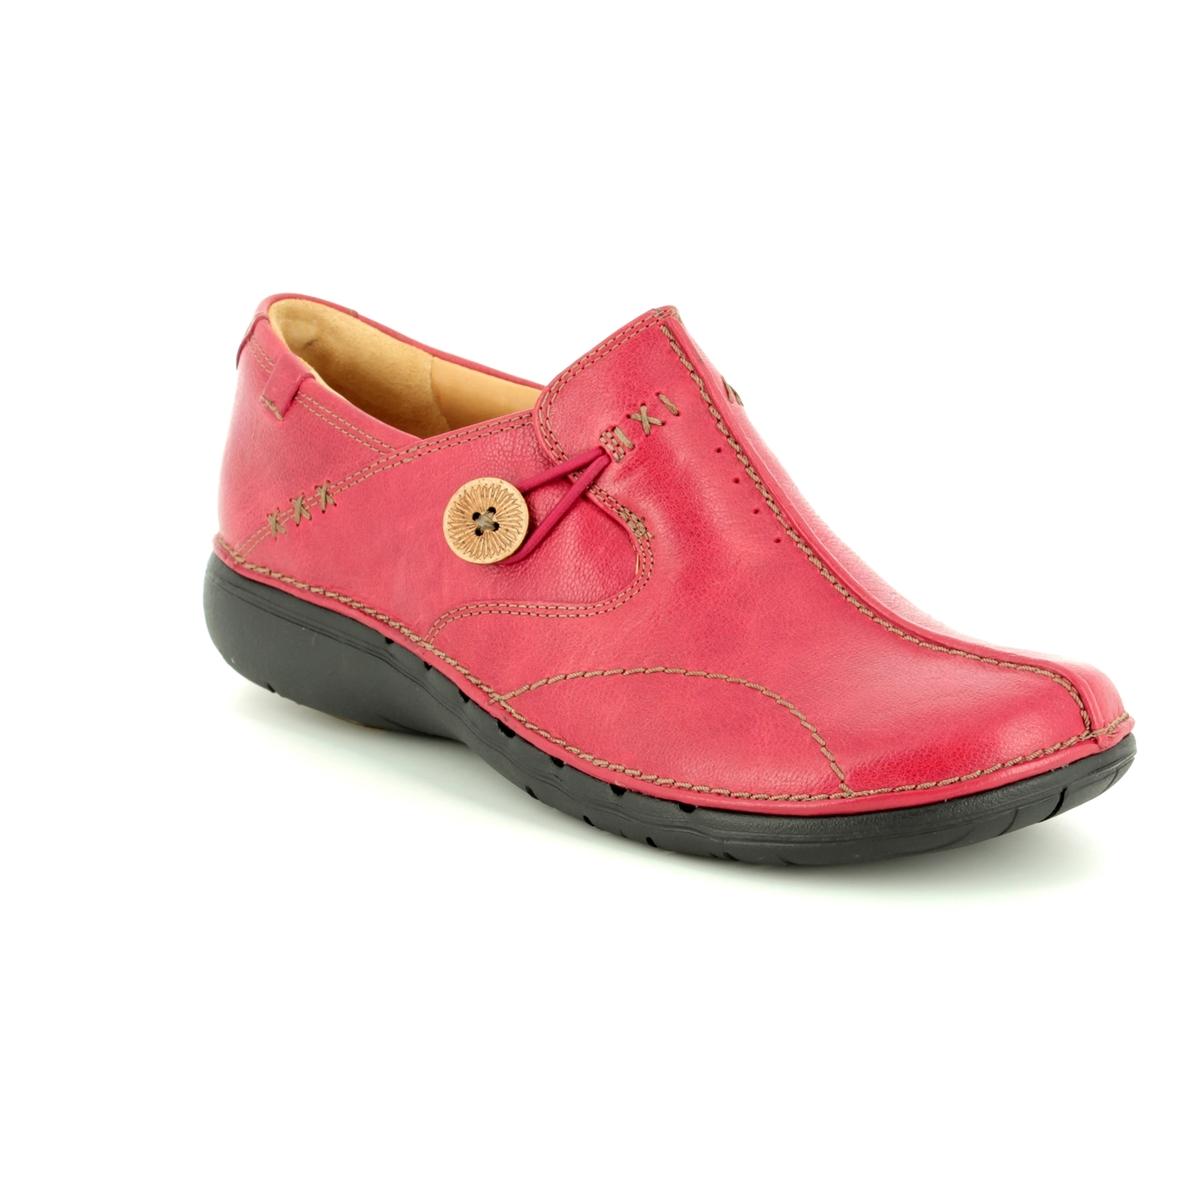 d52b44d48f2 Clarks Comfort Shoes - Red - 3326 94D UN LOOP